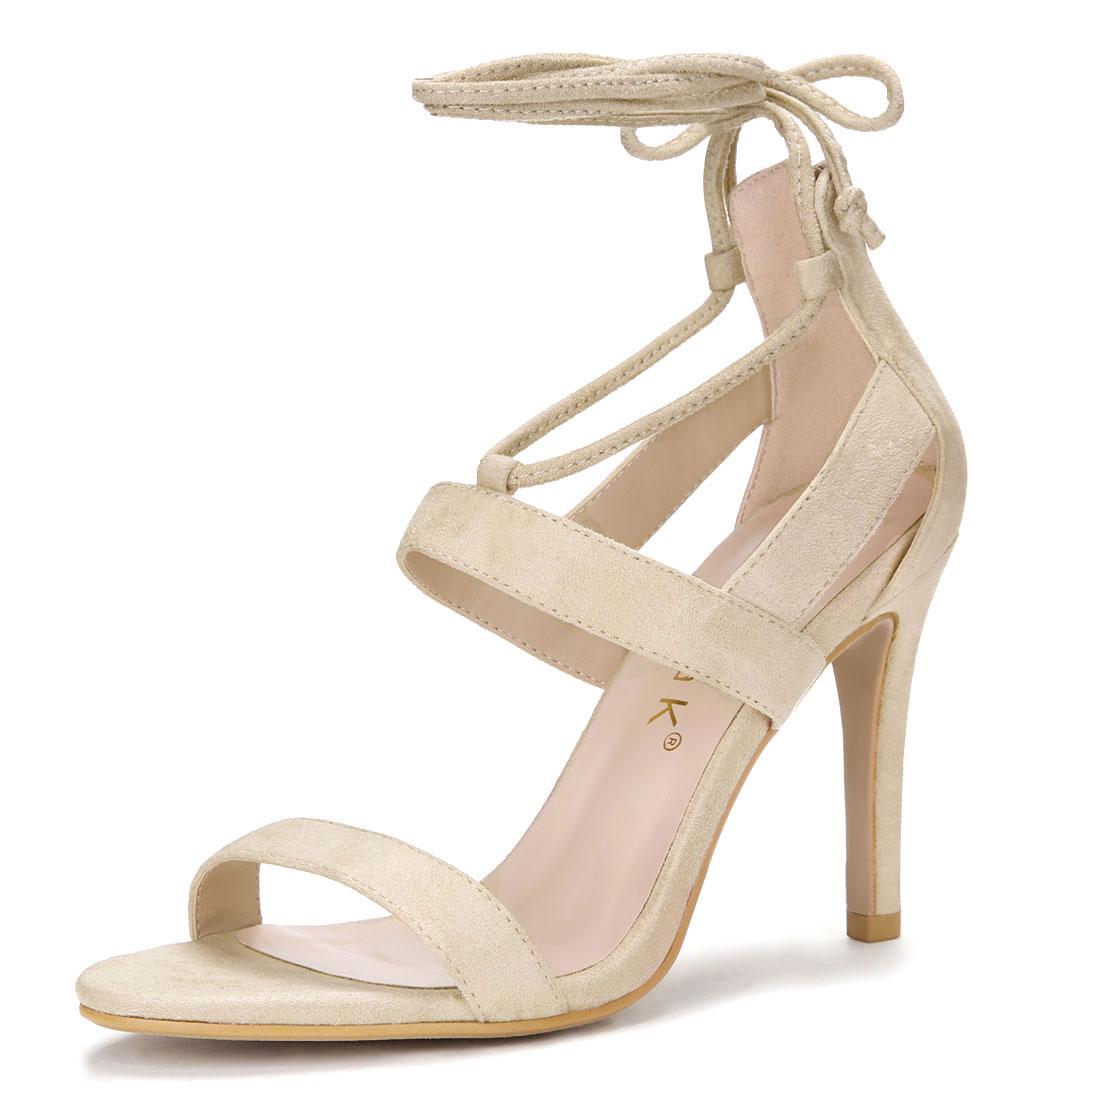 Women Open Toe Cutout Stiletto Heel Lace Up Sandals Beige US 6